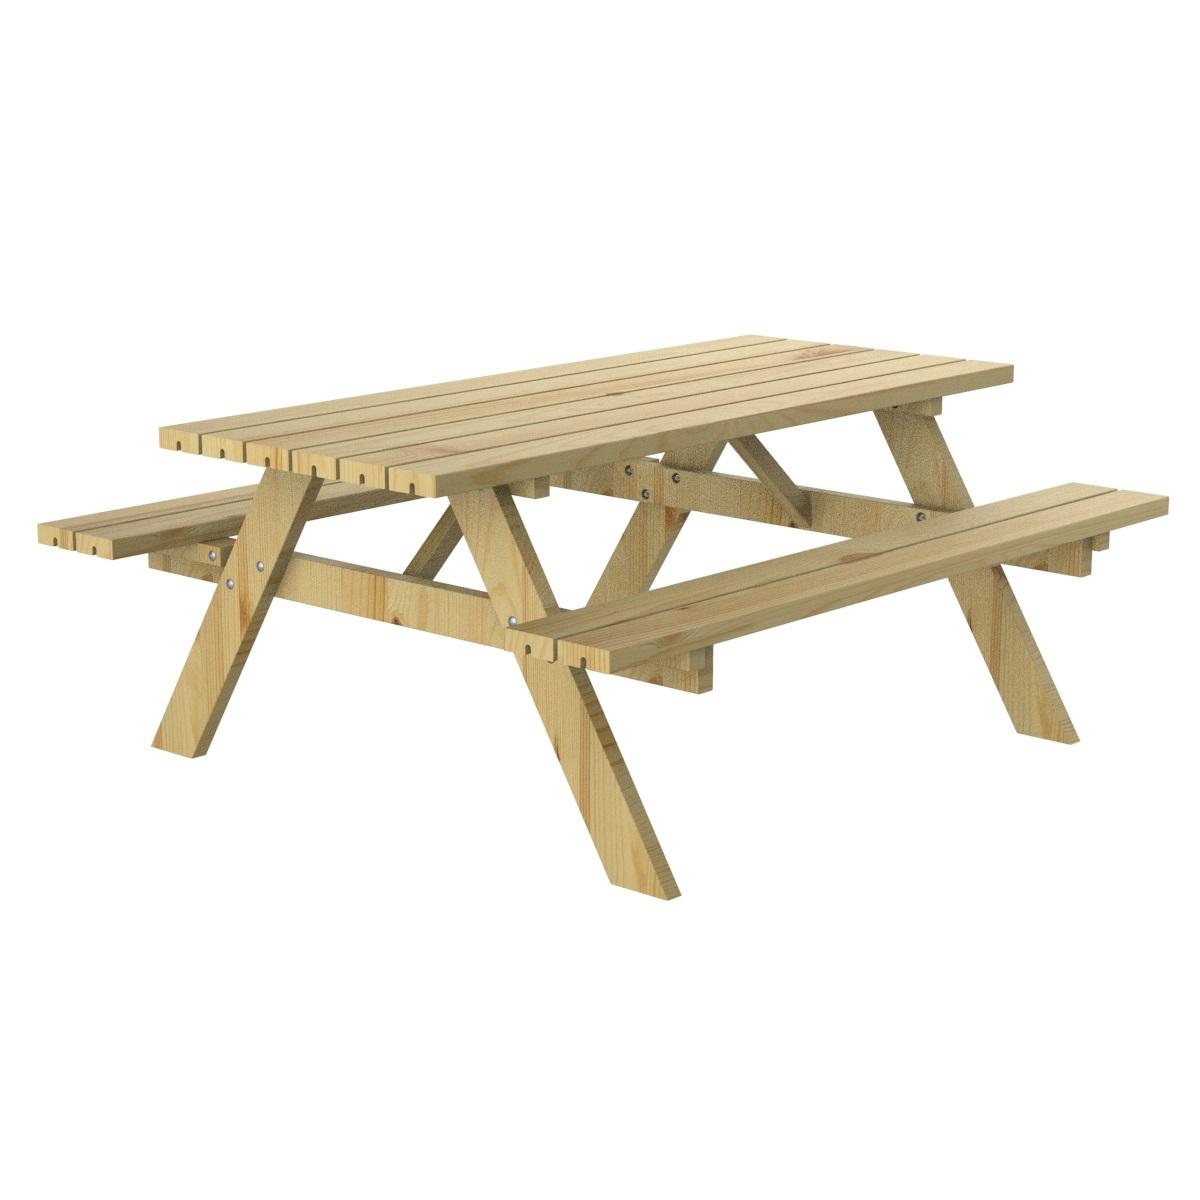 Mesa picnic madera pino mobiliario urbano parques y jardines for Mobiliario de jardin de madera